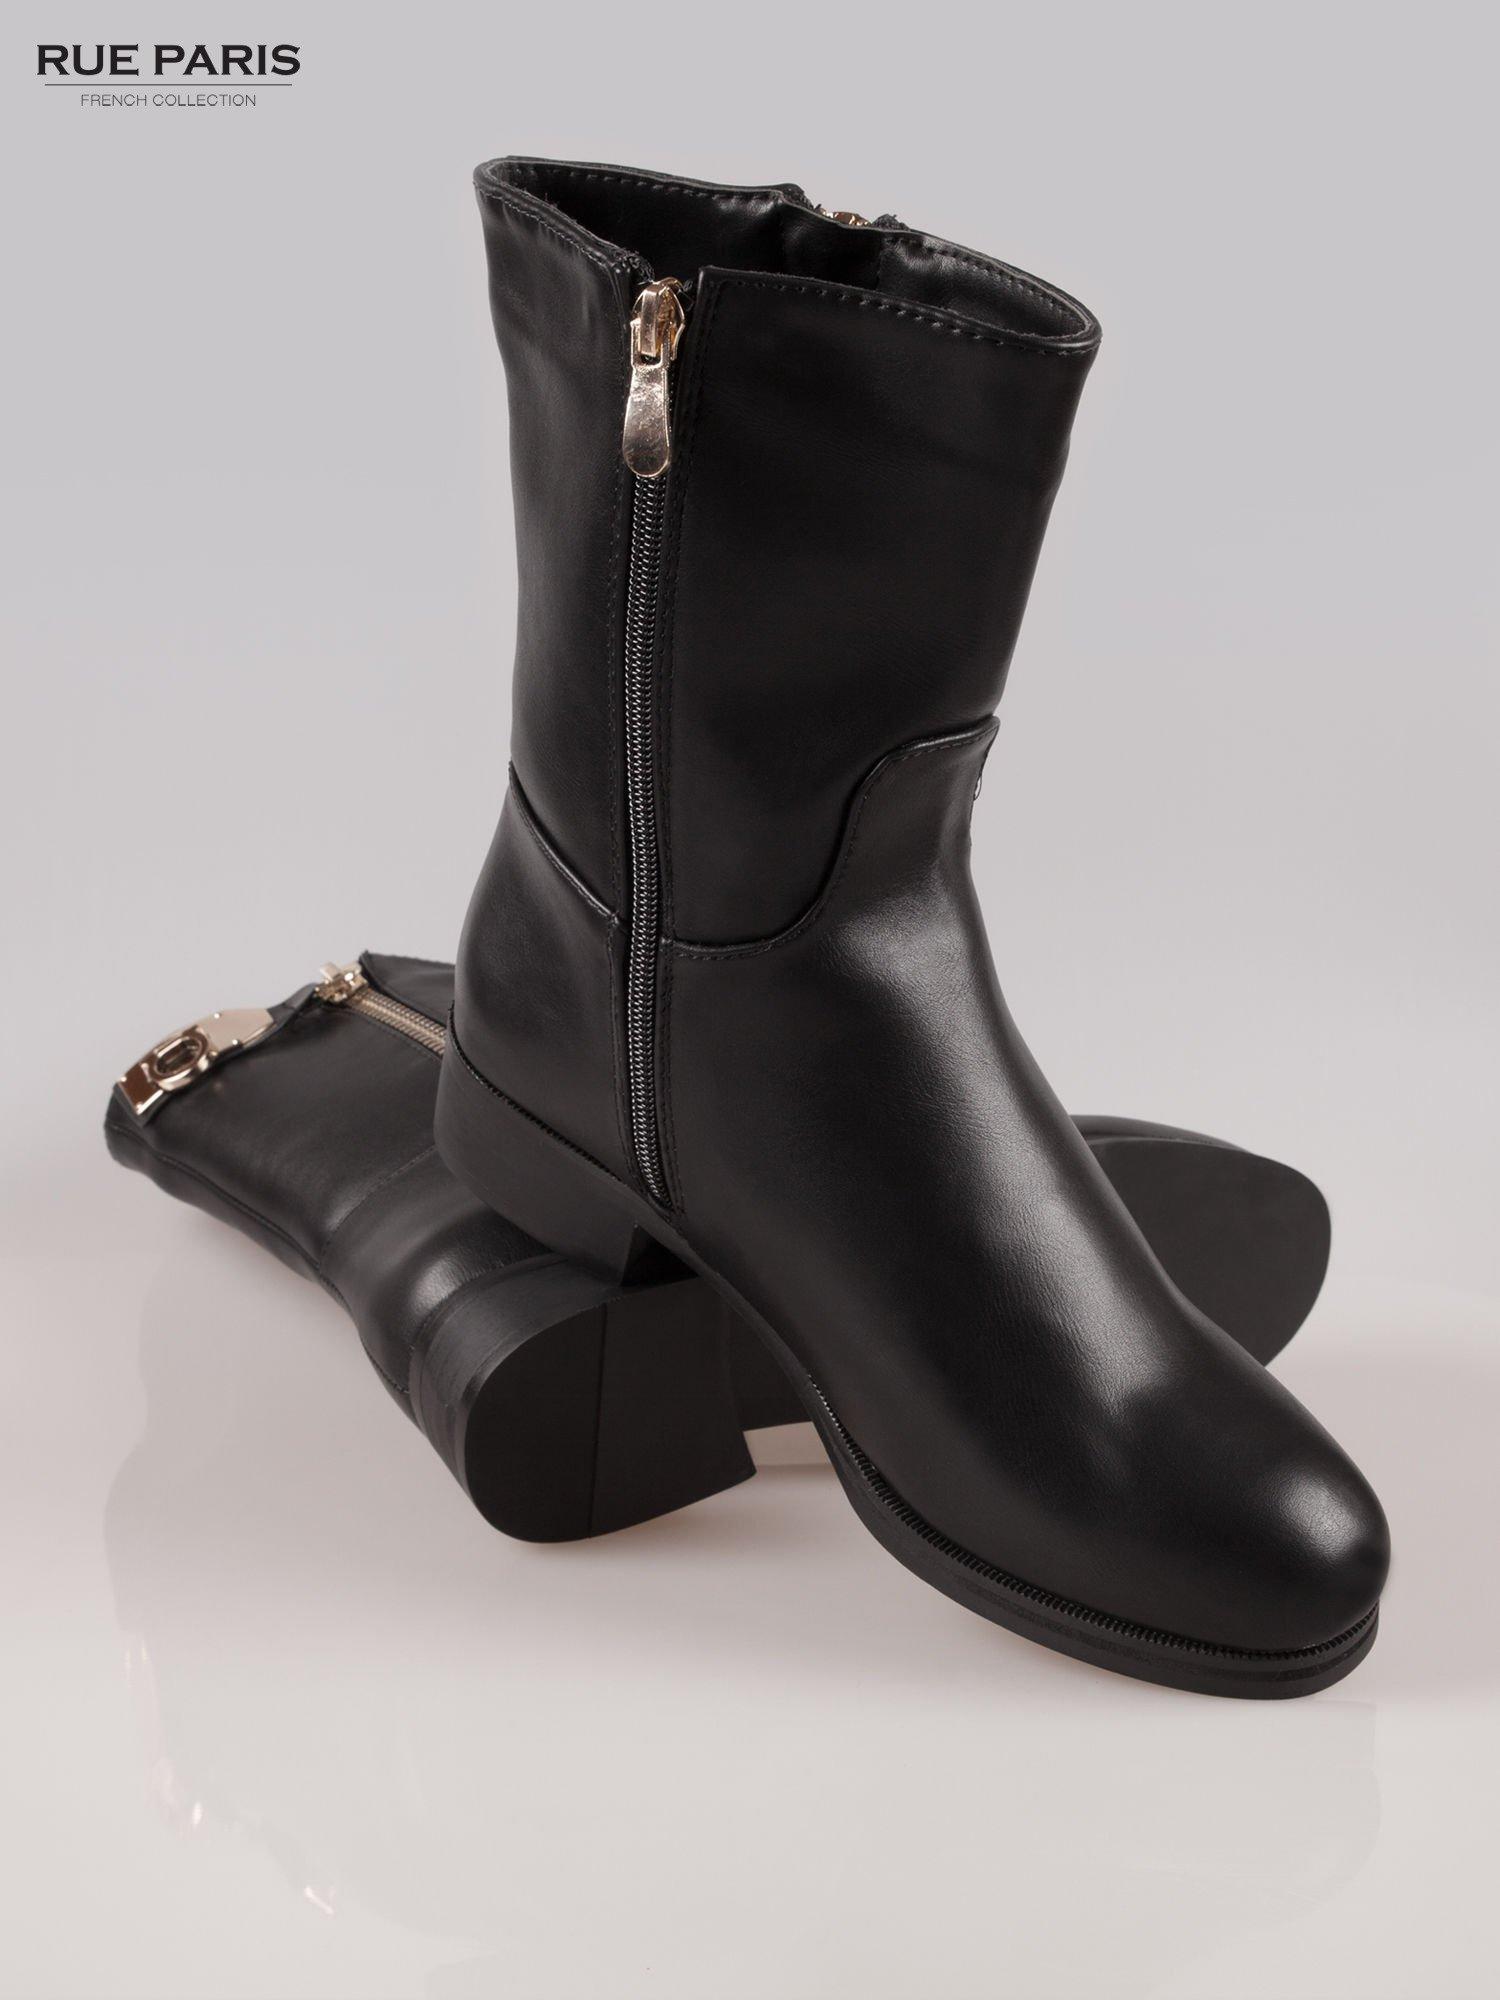 Czarne botki biker boots ze złotą sprzączką i zamkiem                                  zdj.                                  4